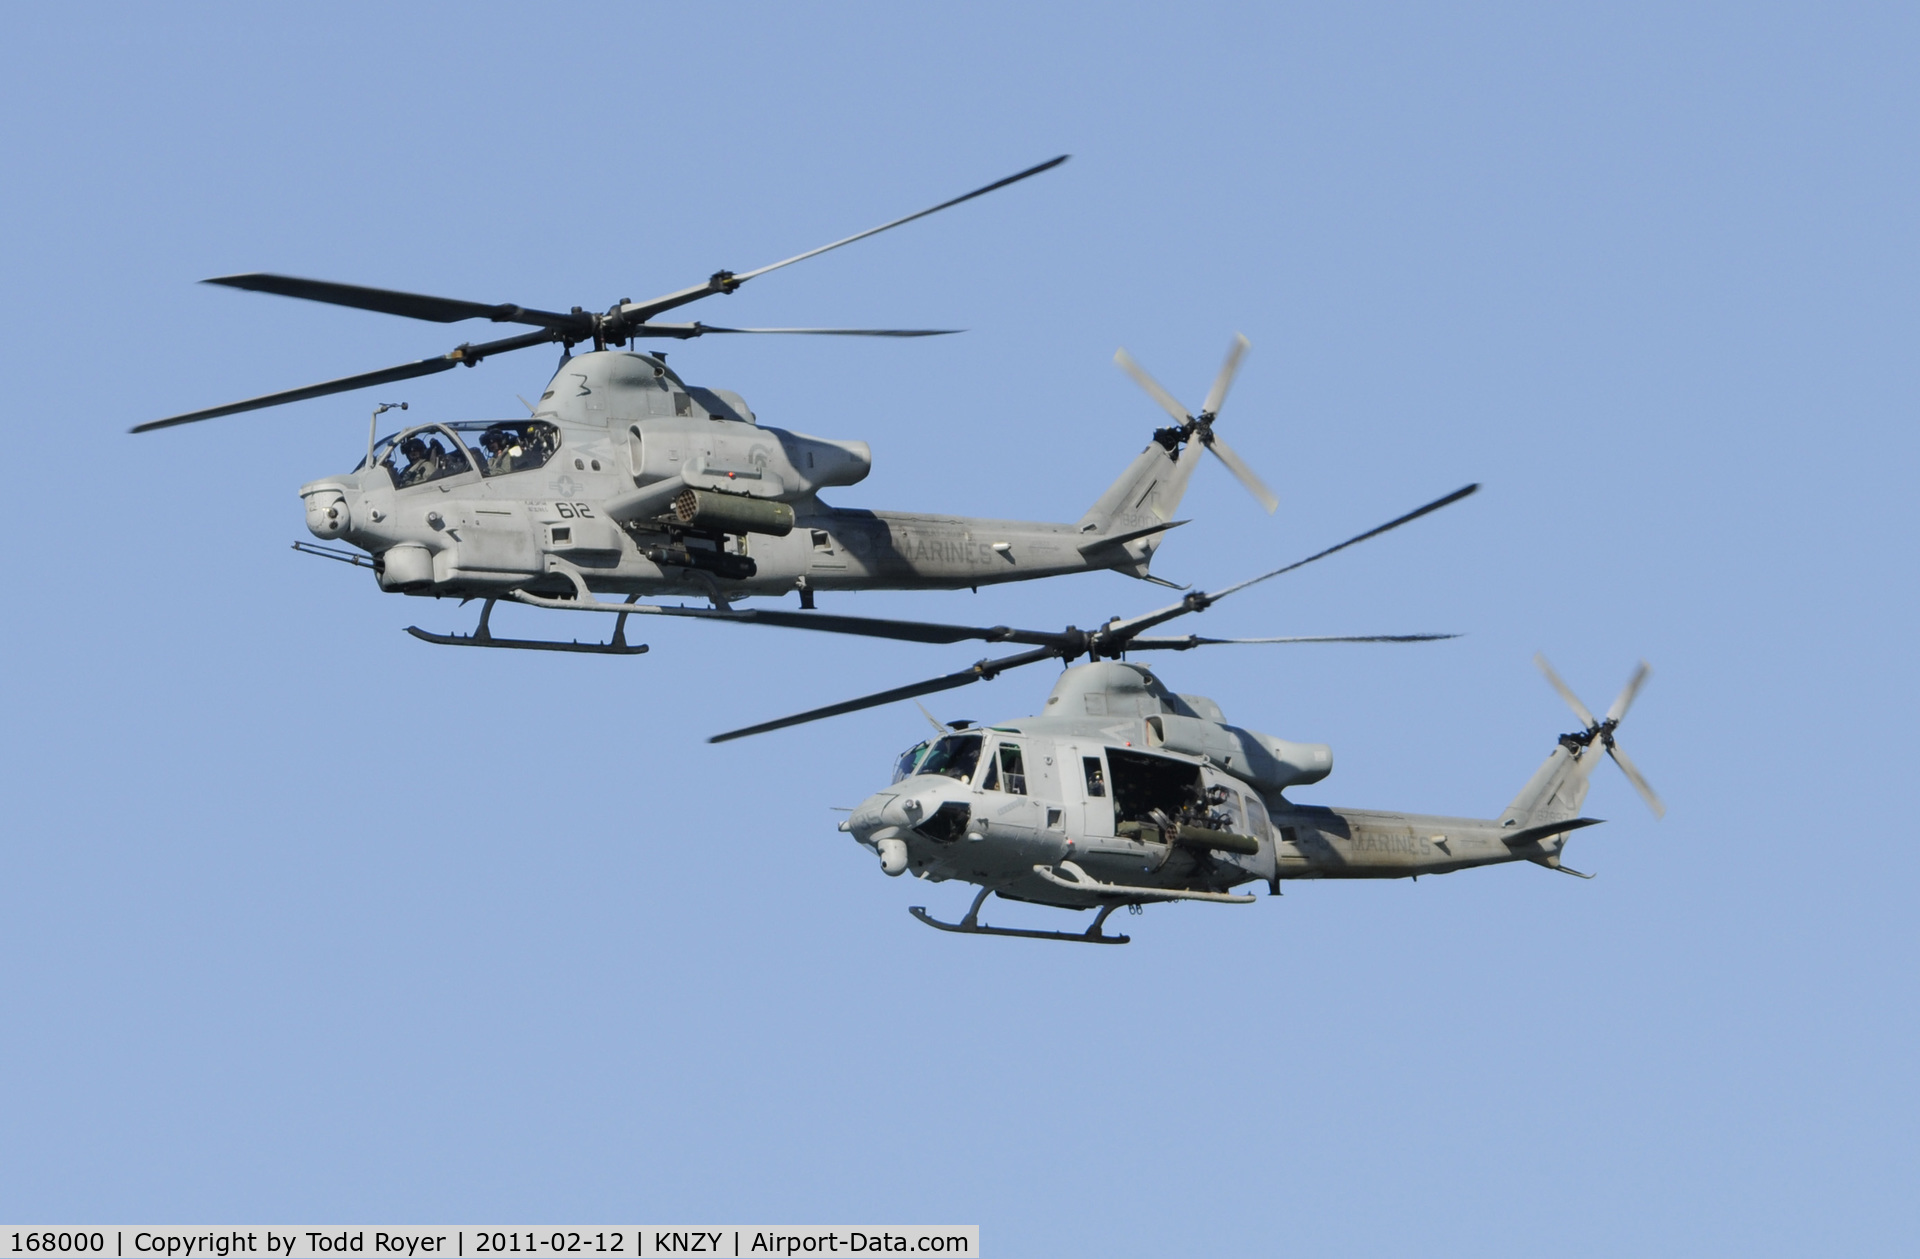 168000, Bell AH-1Z Viper C/N 59012, Centennial of Naval Aviation